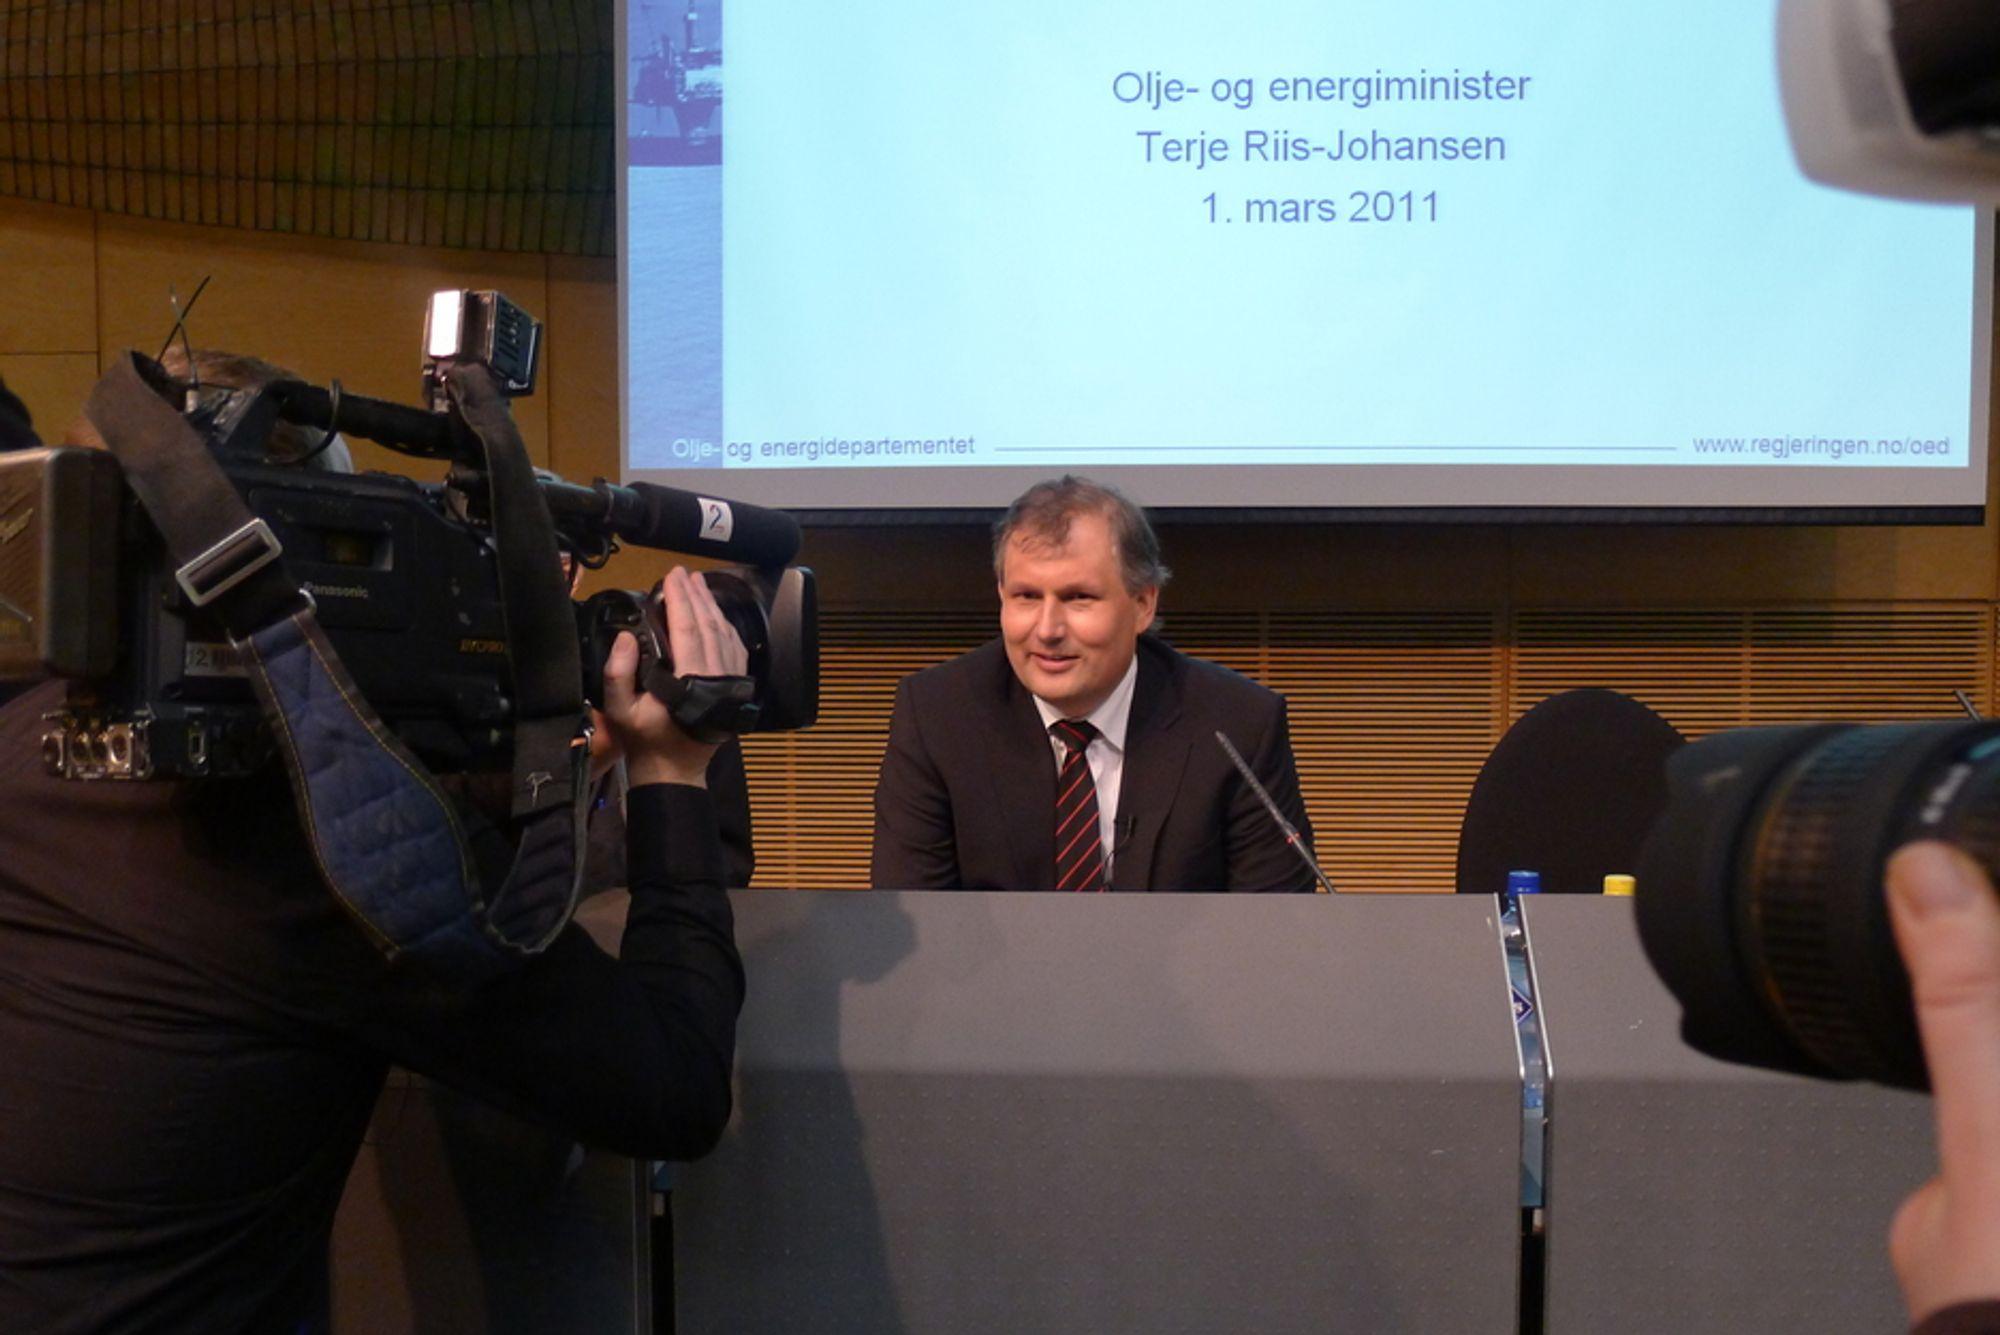 GRUNDIG GJENNOMGAN: ¿ Vi er mange som har lest mye og vi har gått grundig igjennom det som har kommet inn, forsikrer Terje Riis-Johansen på dagens pressekonferanse.